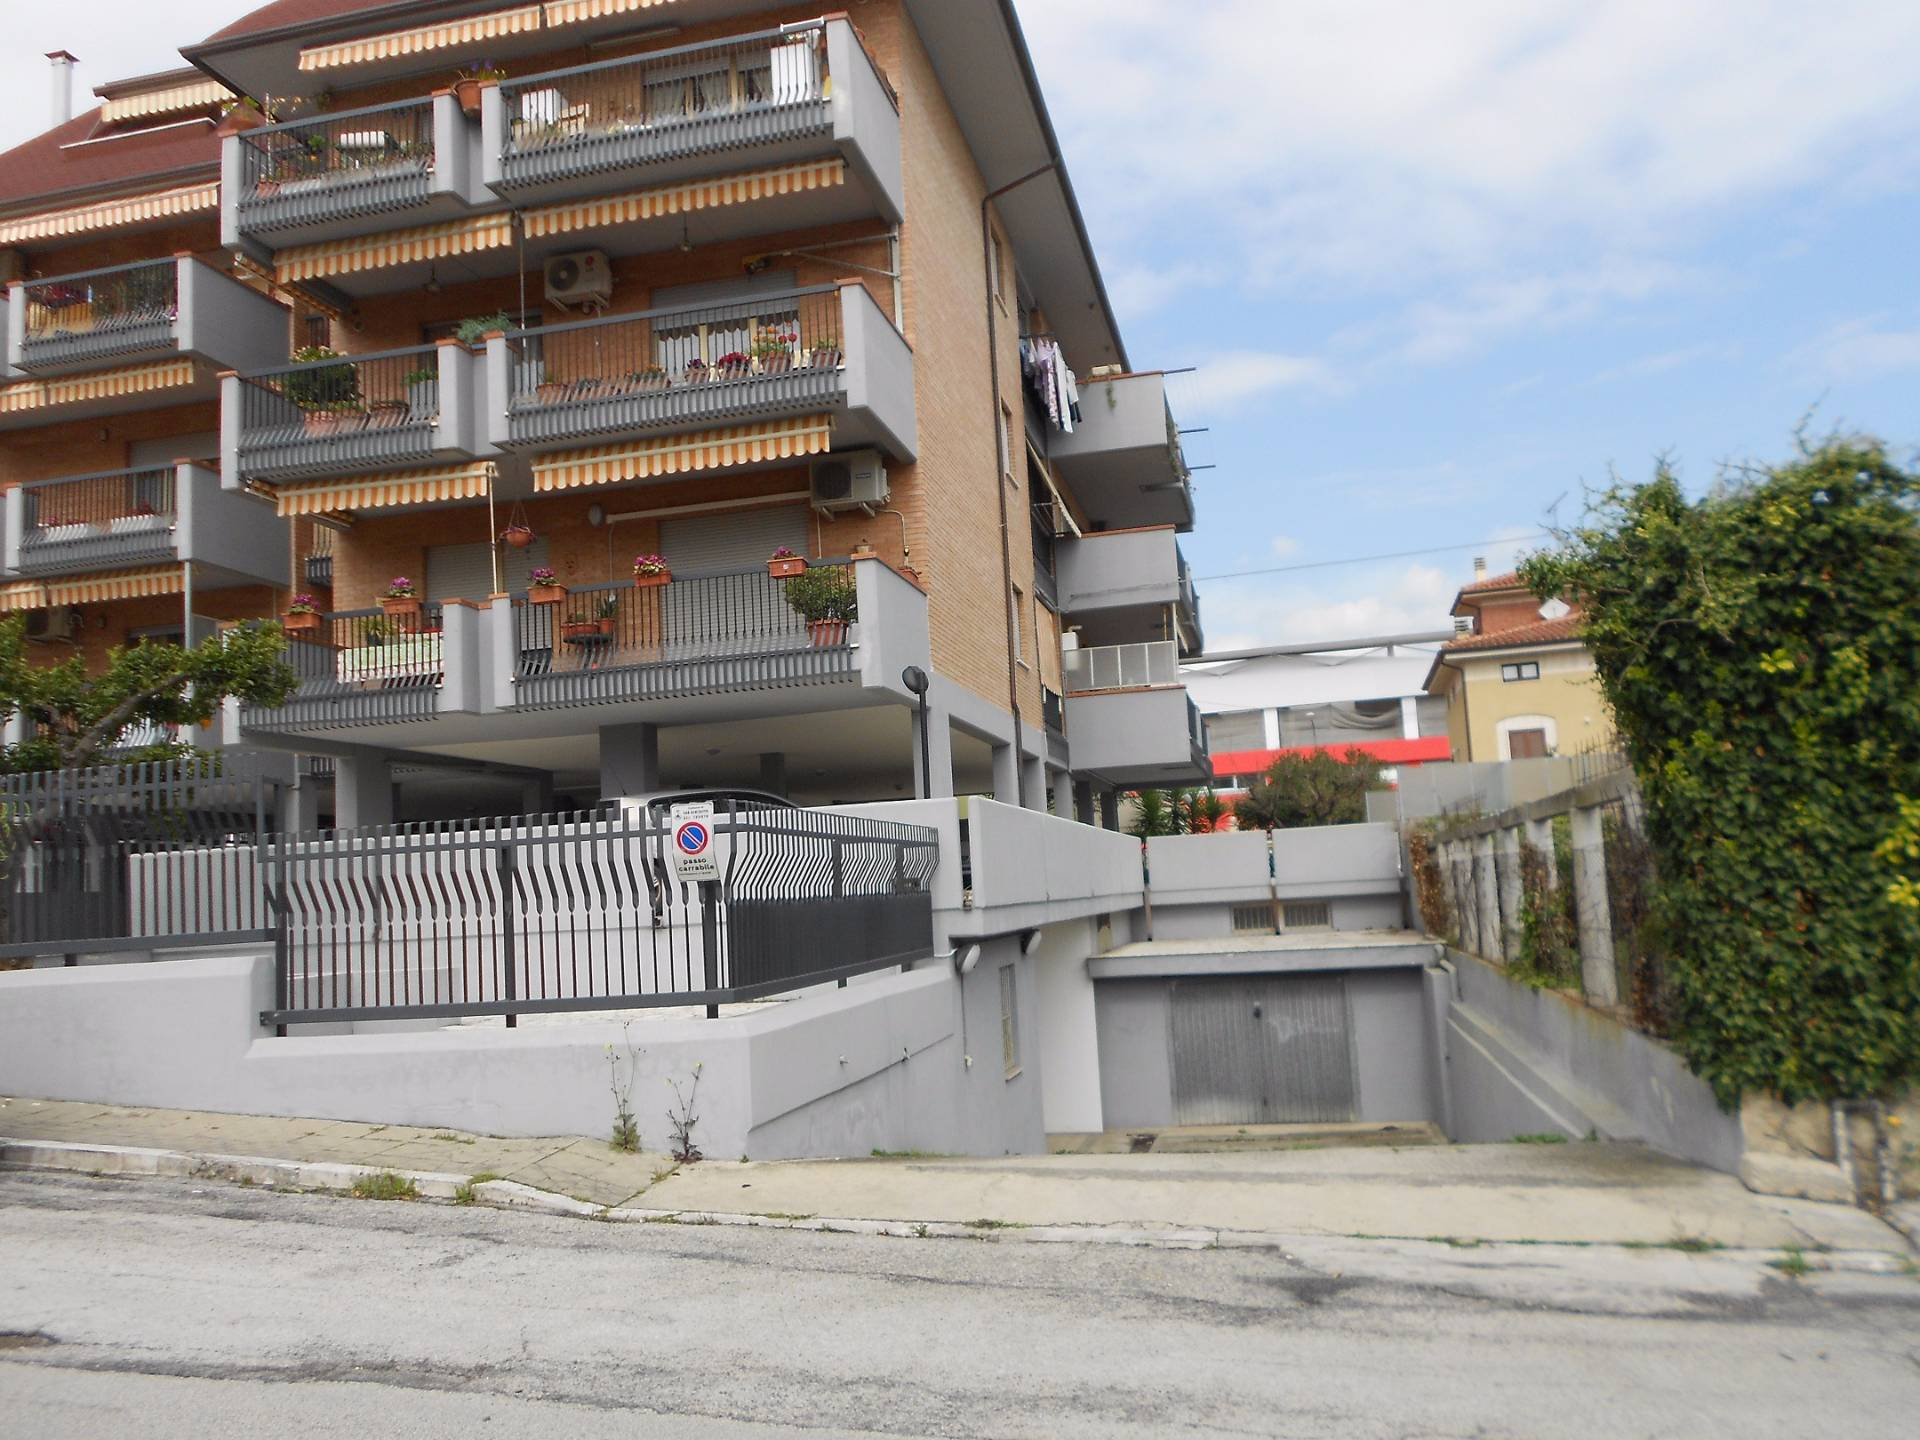 Box / Garage in vendita a San Benedetto del Tronto, 2 locali, zona Località: SBT-Centro, prezzo € 40.000 | Cambio Casa.it